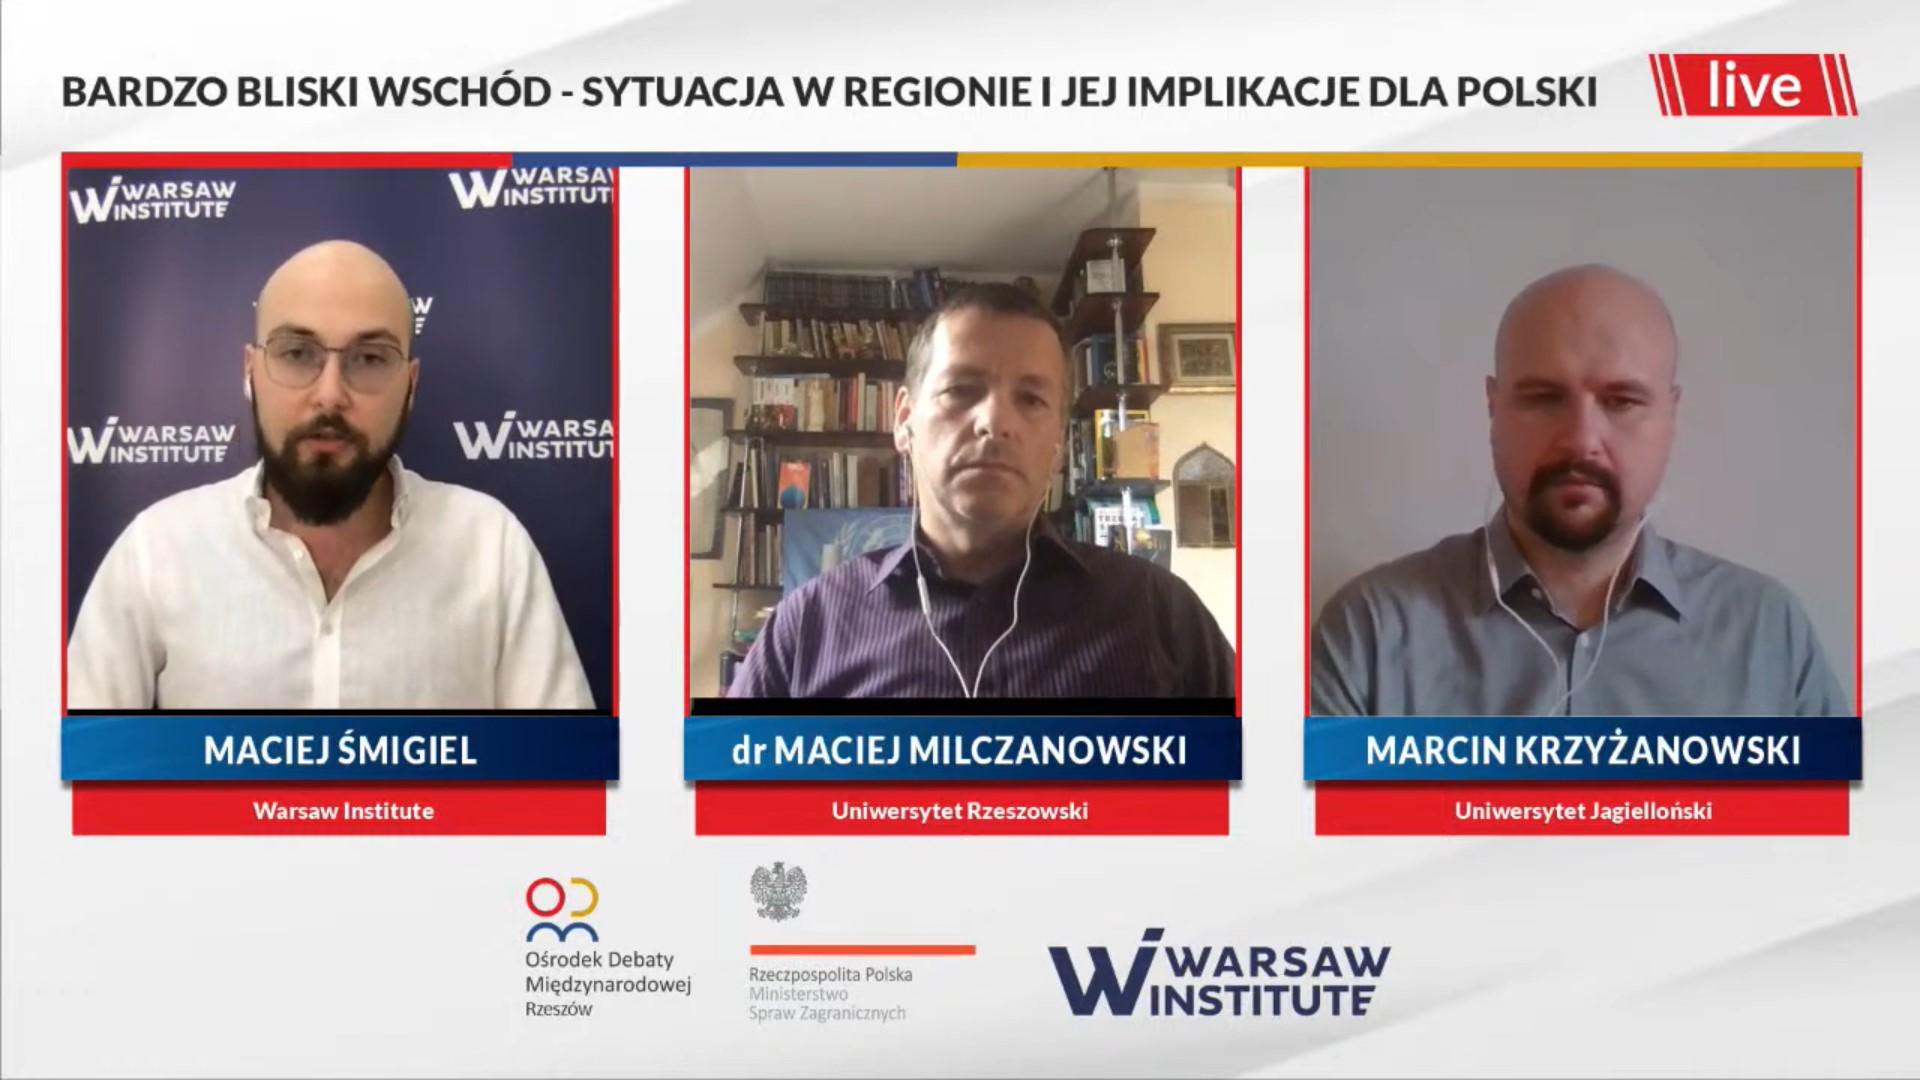 Podsumowanie debaty: Bardzo Bliski Wschód – sytuacja w regionie i jej implikacje dla Polski